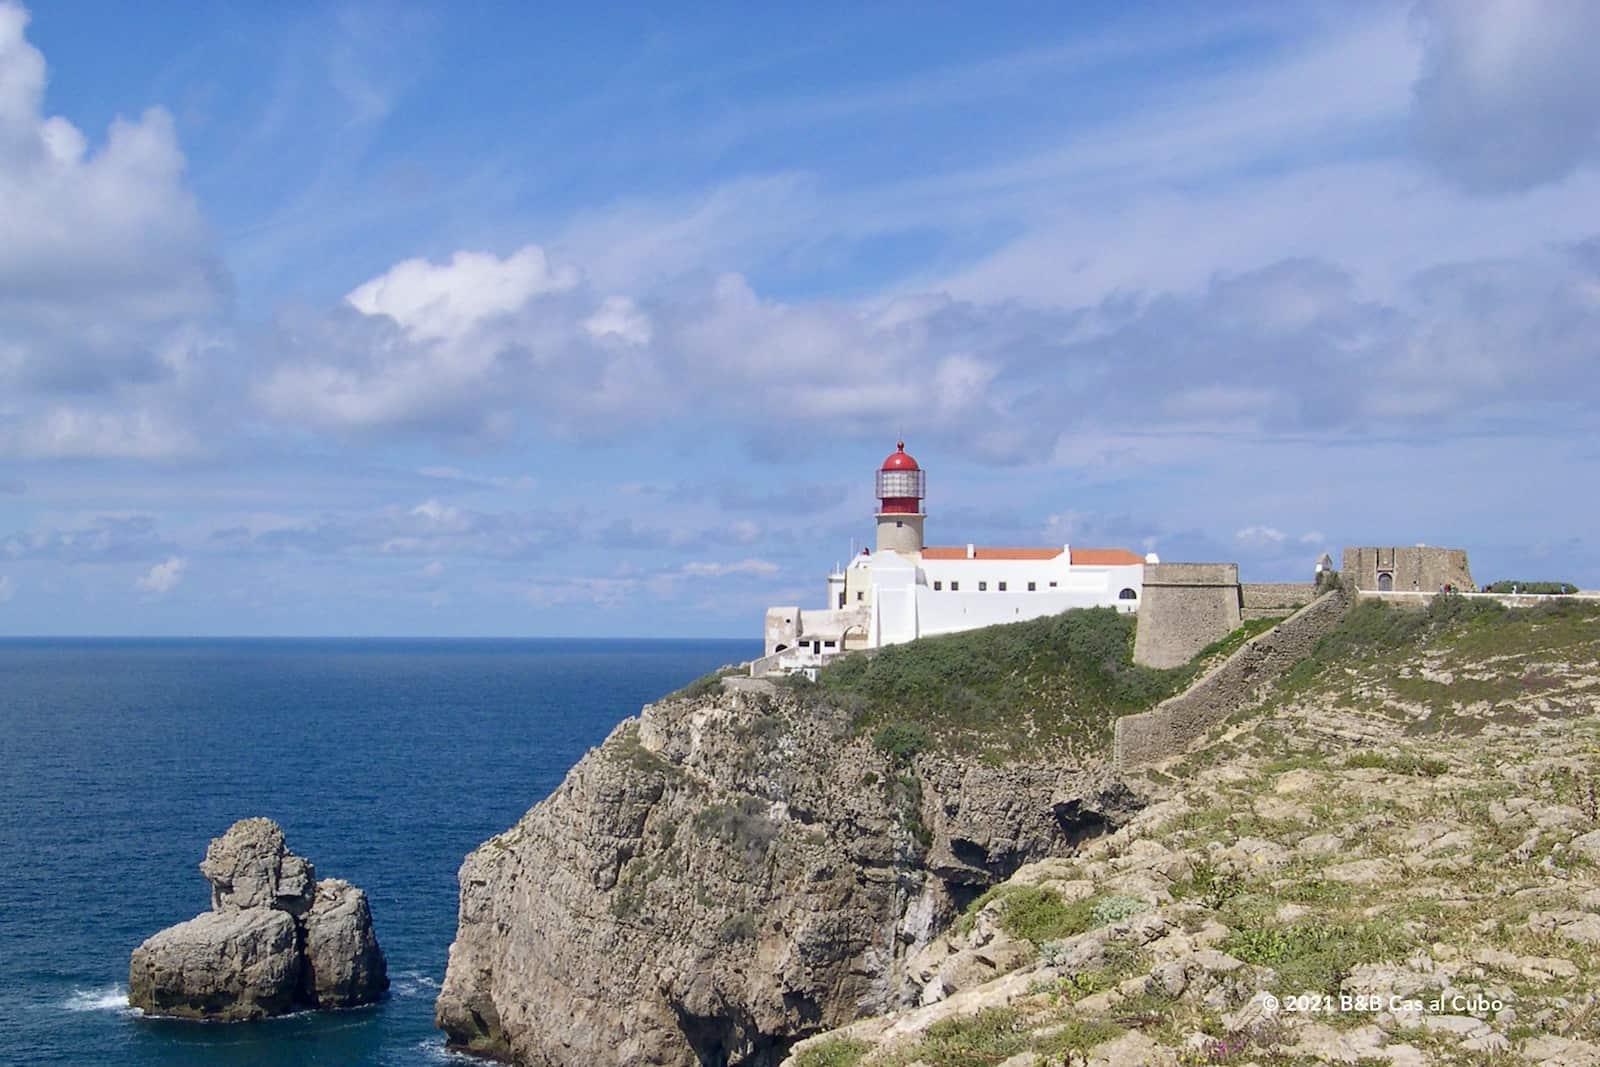 Meest Zuidwestelijke punt van de Algarve - Cabo de São Vicente